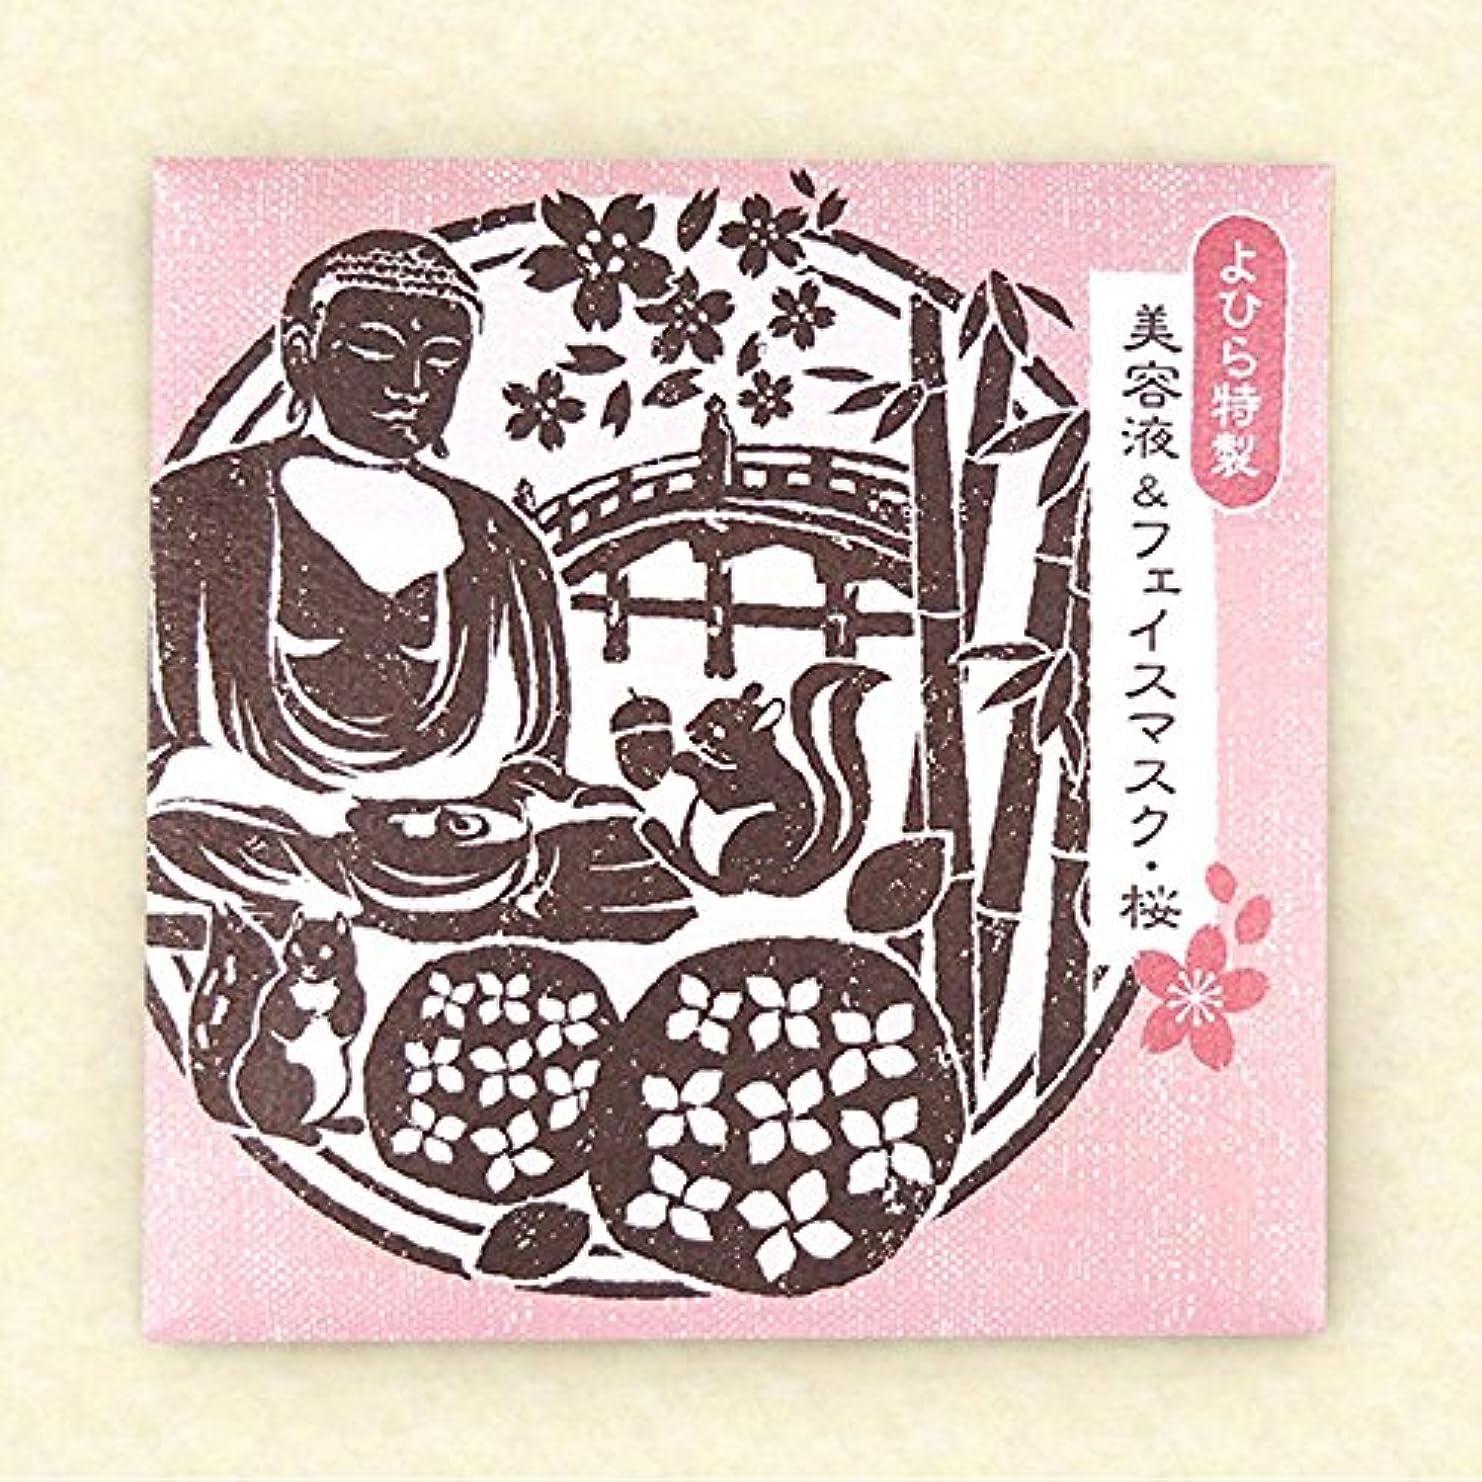 リクルート帰する症状木版「長谷」 桜の美容液&浸透シートマスク